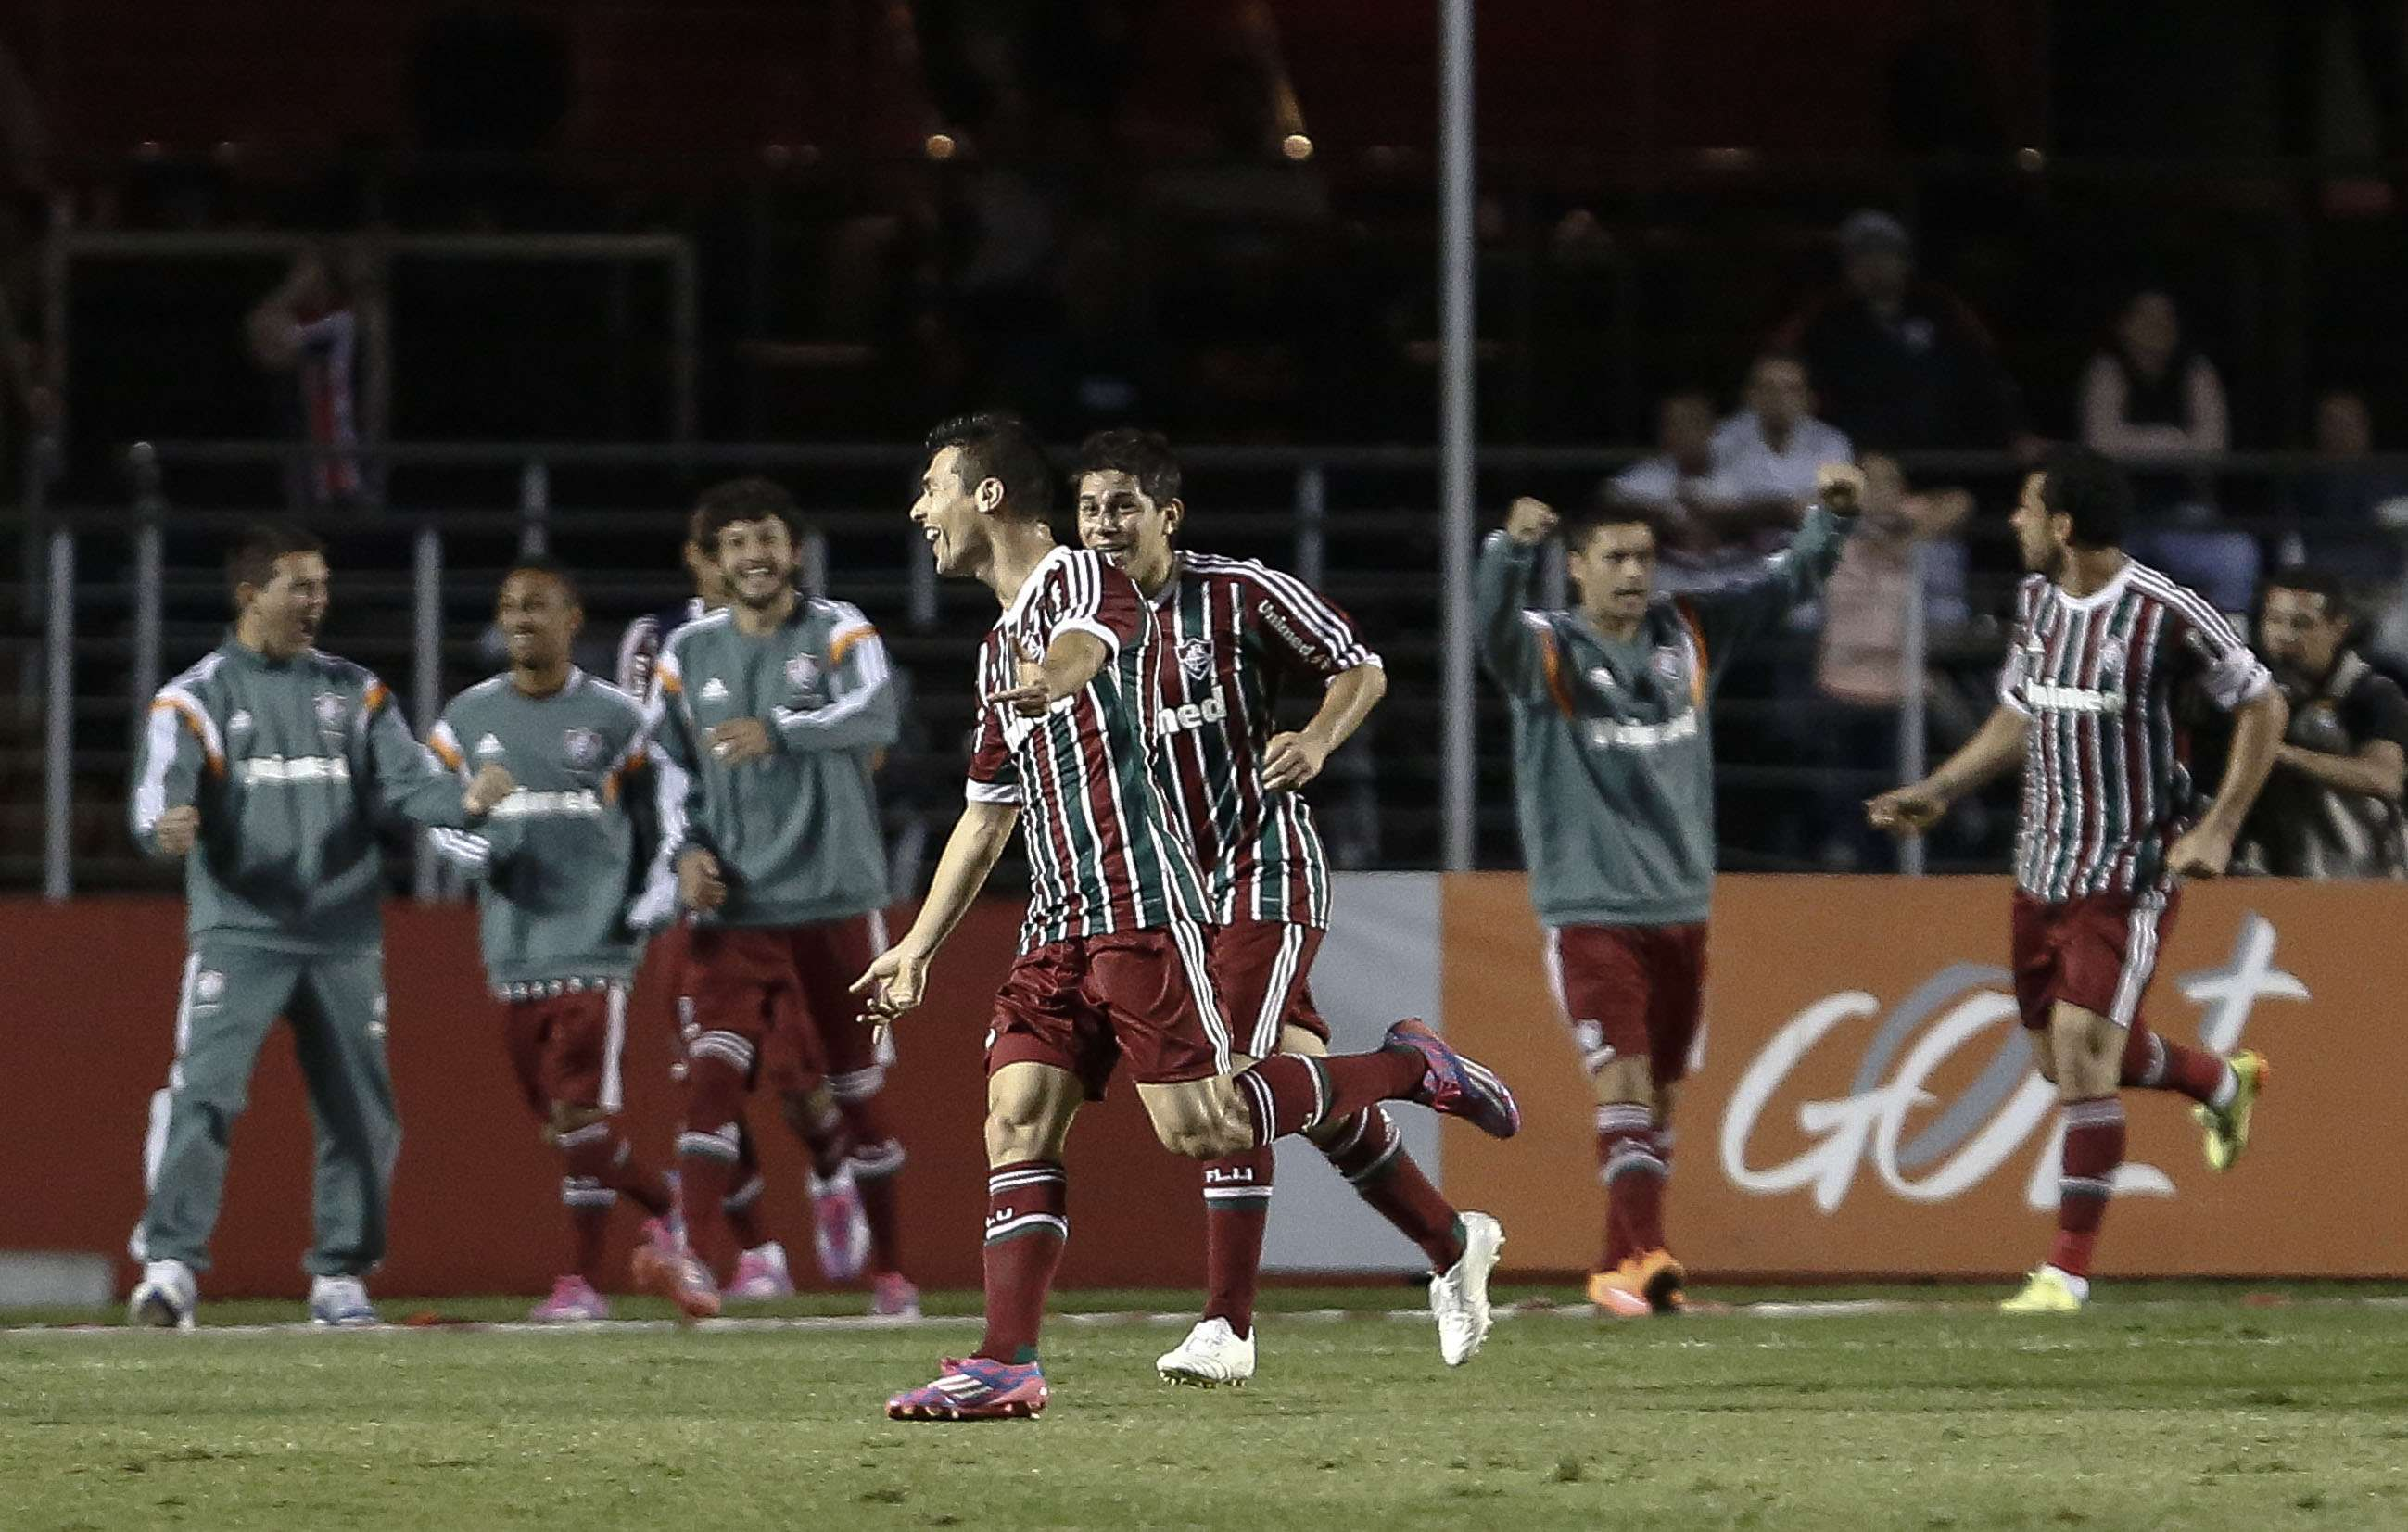 O canhoto Wagner fez o gol decisivo com a perna direita Foto: Miguel Schincariol/Getty Images